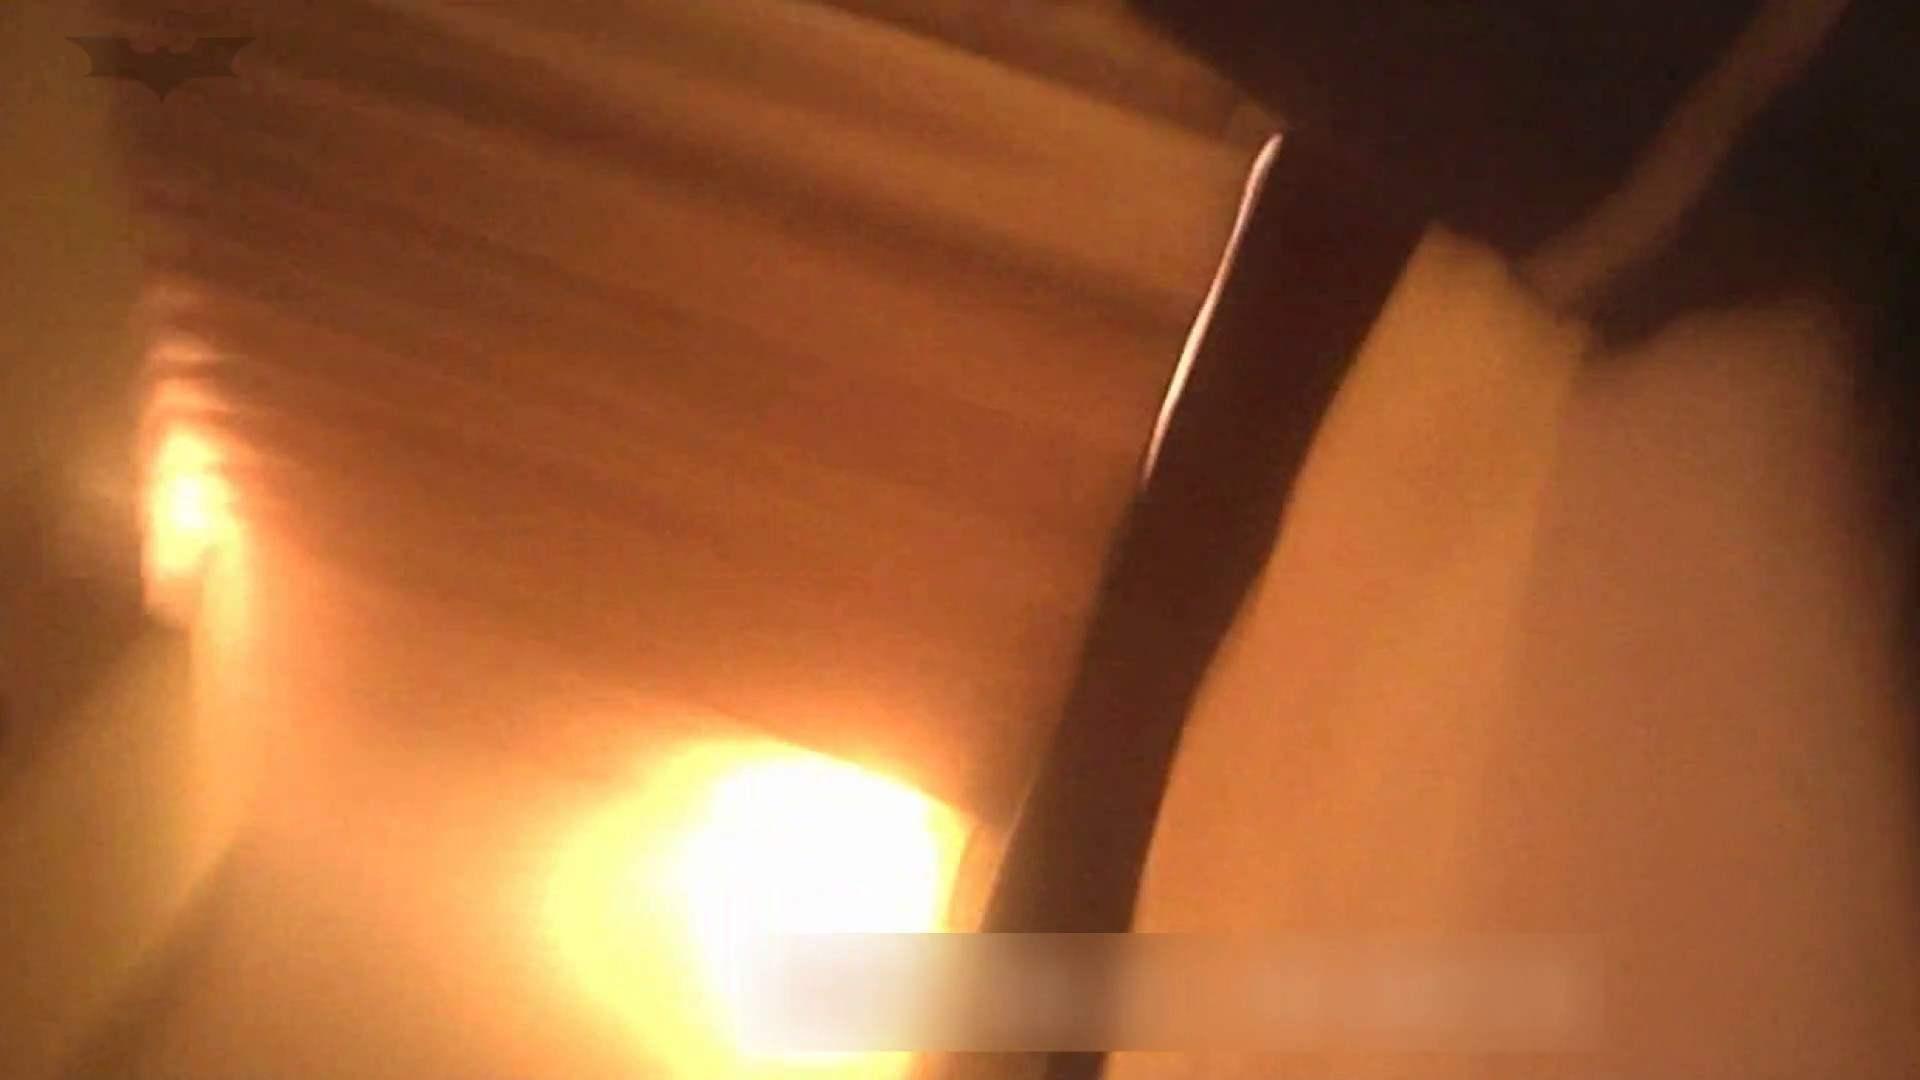 かわいいアニメ声で「イクっっ」 芸術大1年 か●ちゃん Vol.09 SEX編 OLの実態 | SEX本番  85pic 3